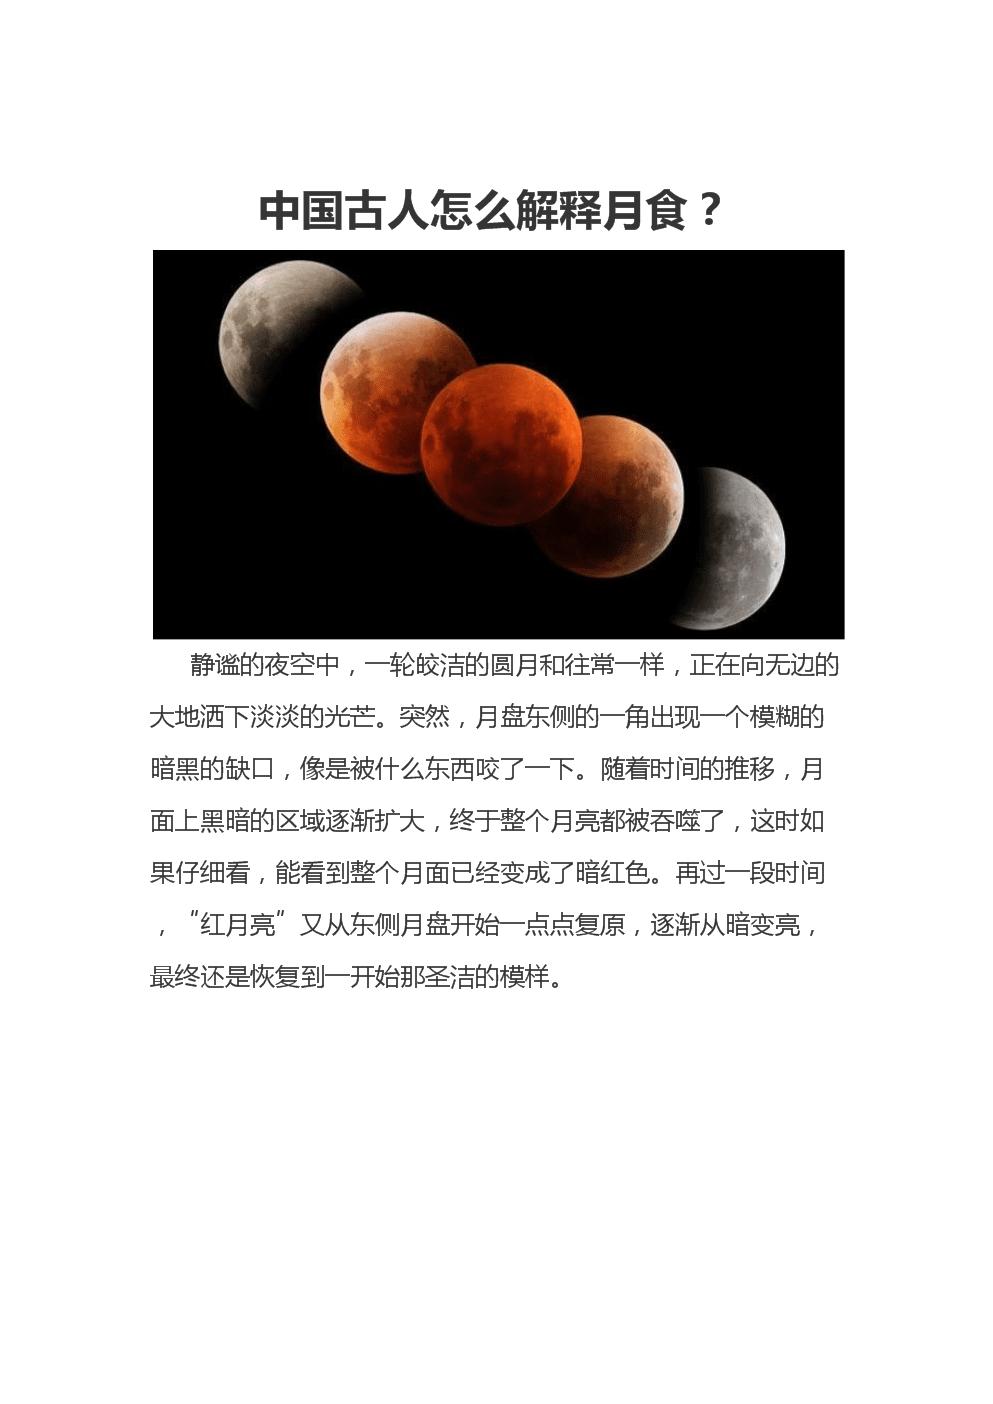 中国古人怎么解释月食?.docx